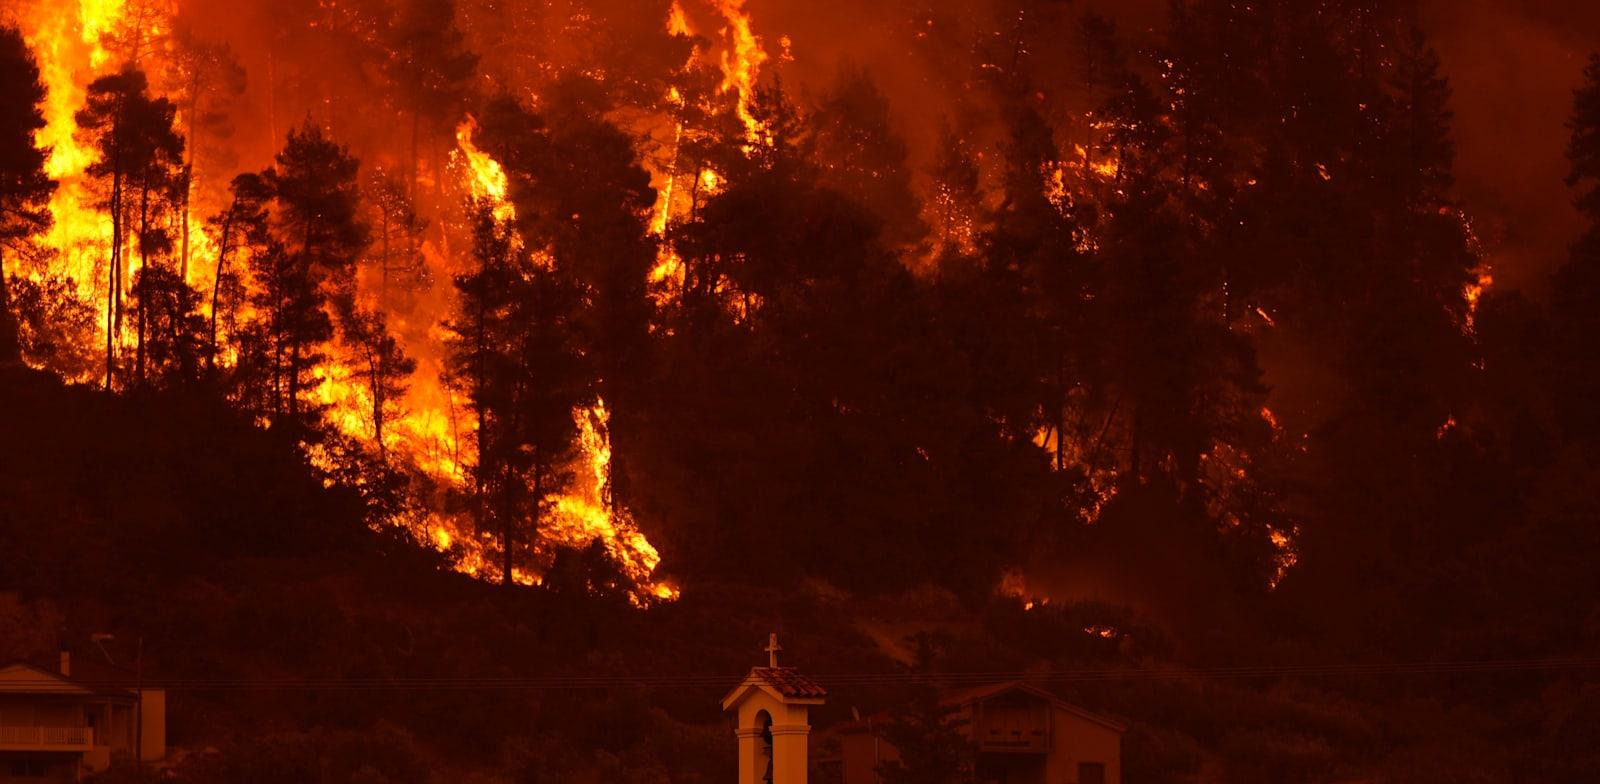 שריפות יער שמשתוללות באי היווני אוויה / צילום: Associated Press, Petros Karadjias